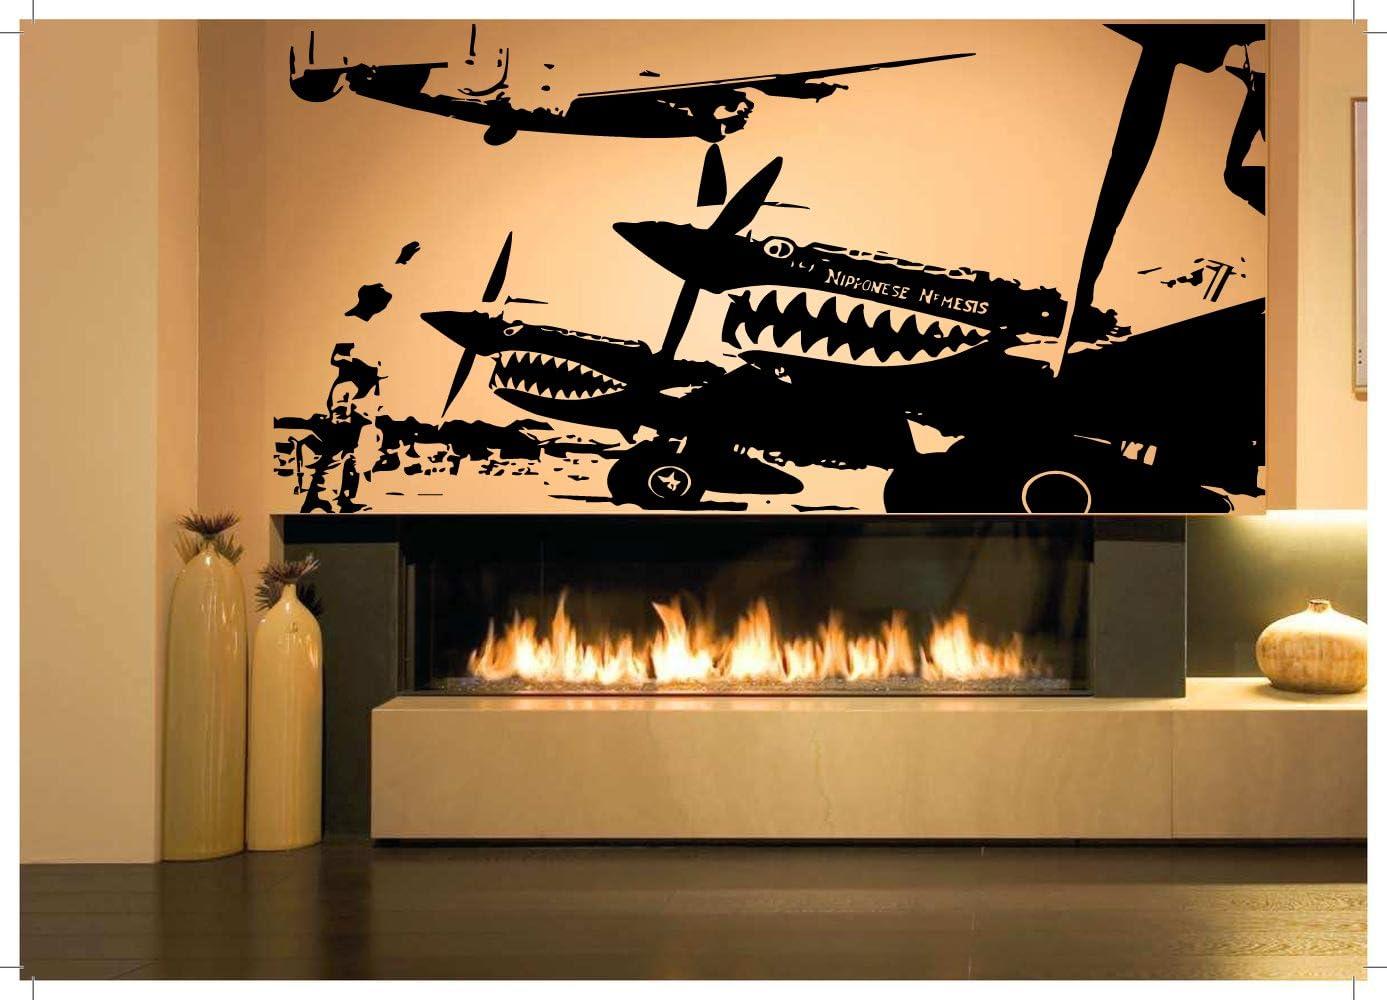 Wall Room Decor Art Vinyl Sticker Mural Decal Ww2 Plane Jet Aircraft War AS1417